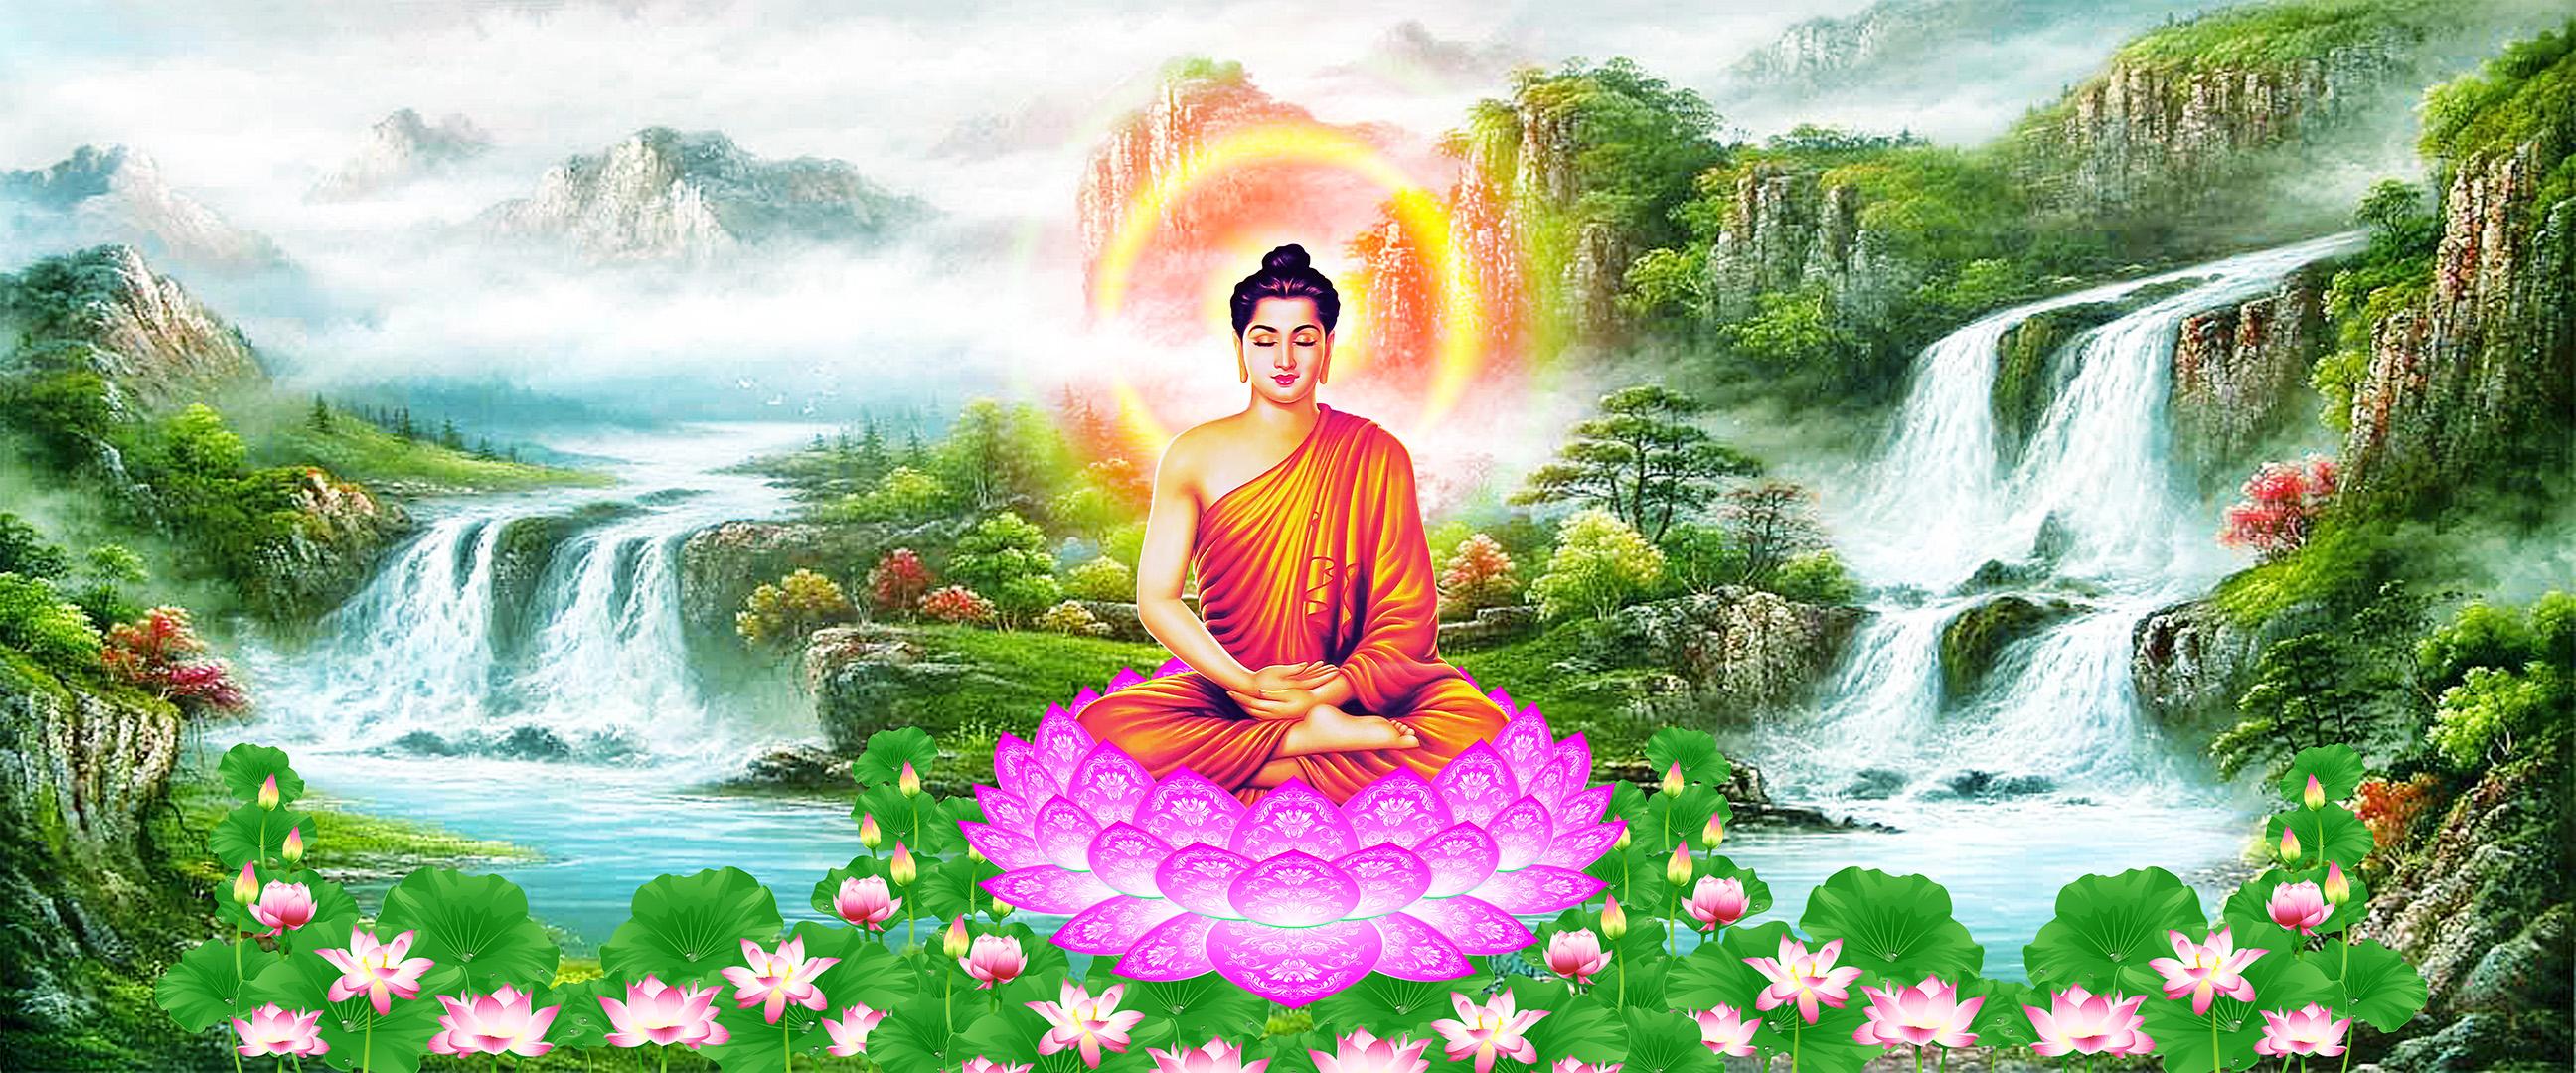 Đức Phật tọa trên đài sen trên nền thiên nhiên tươi mát